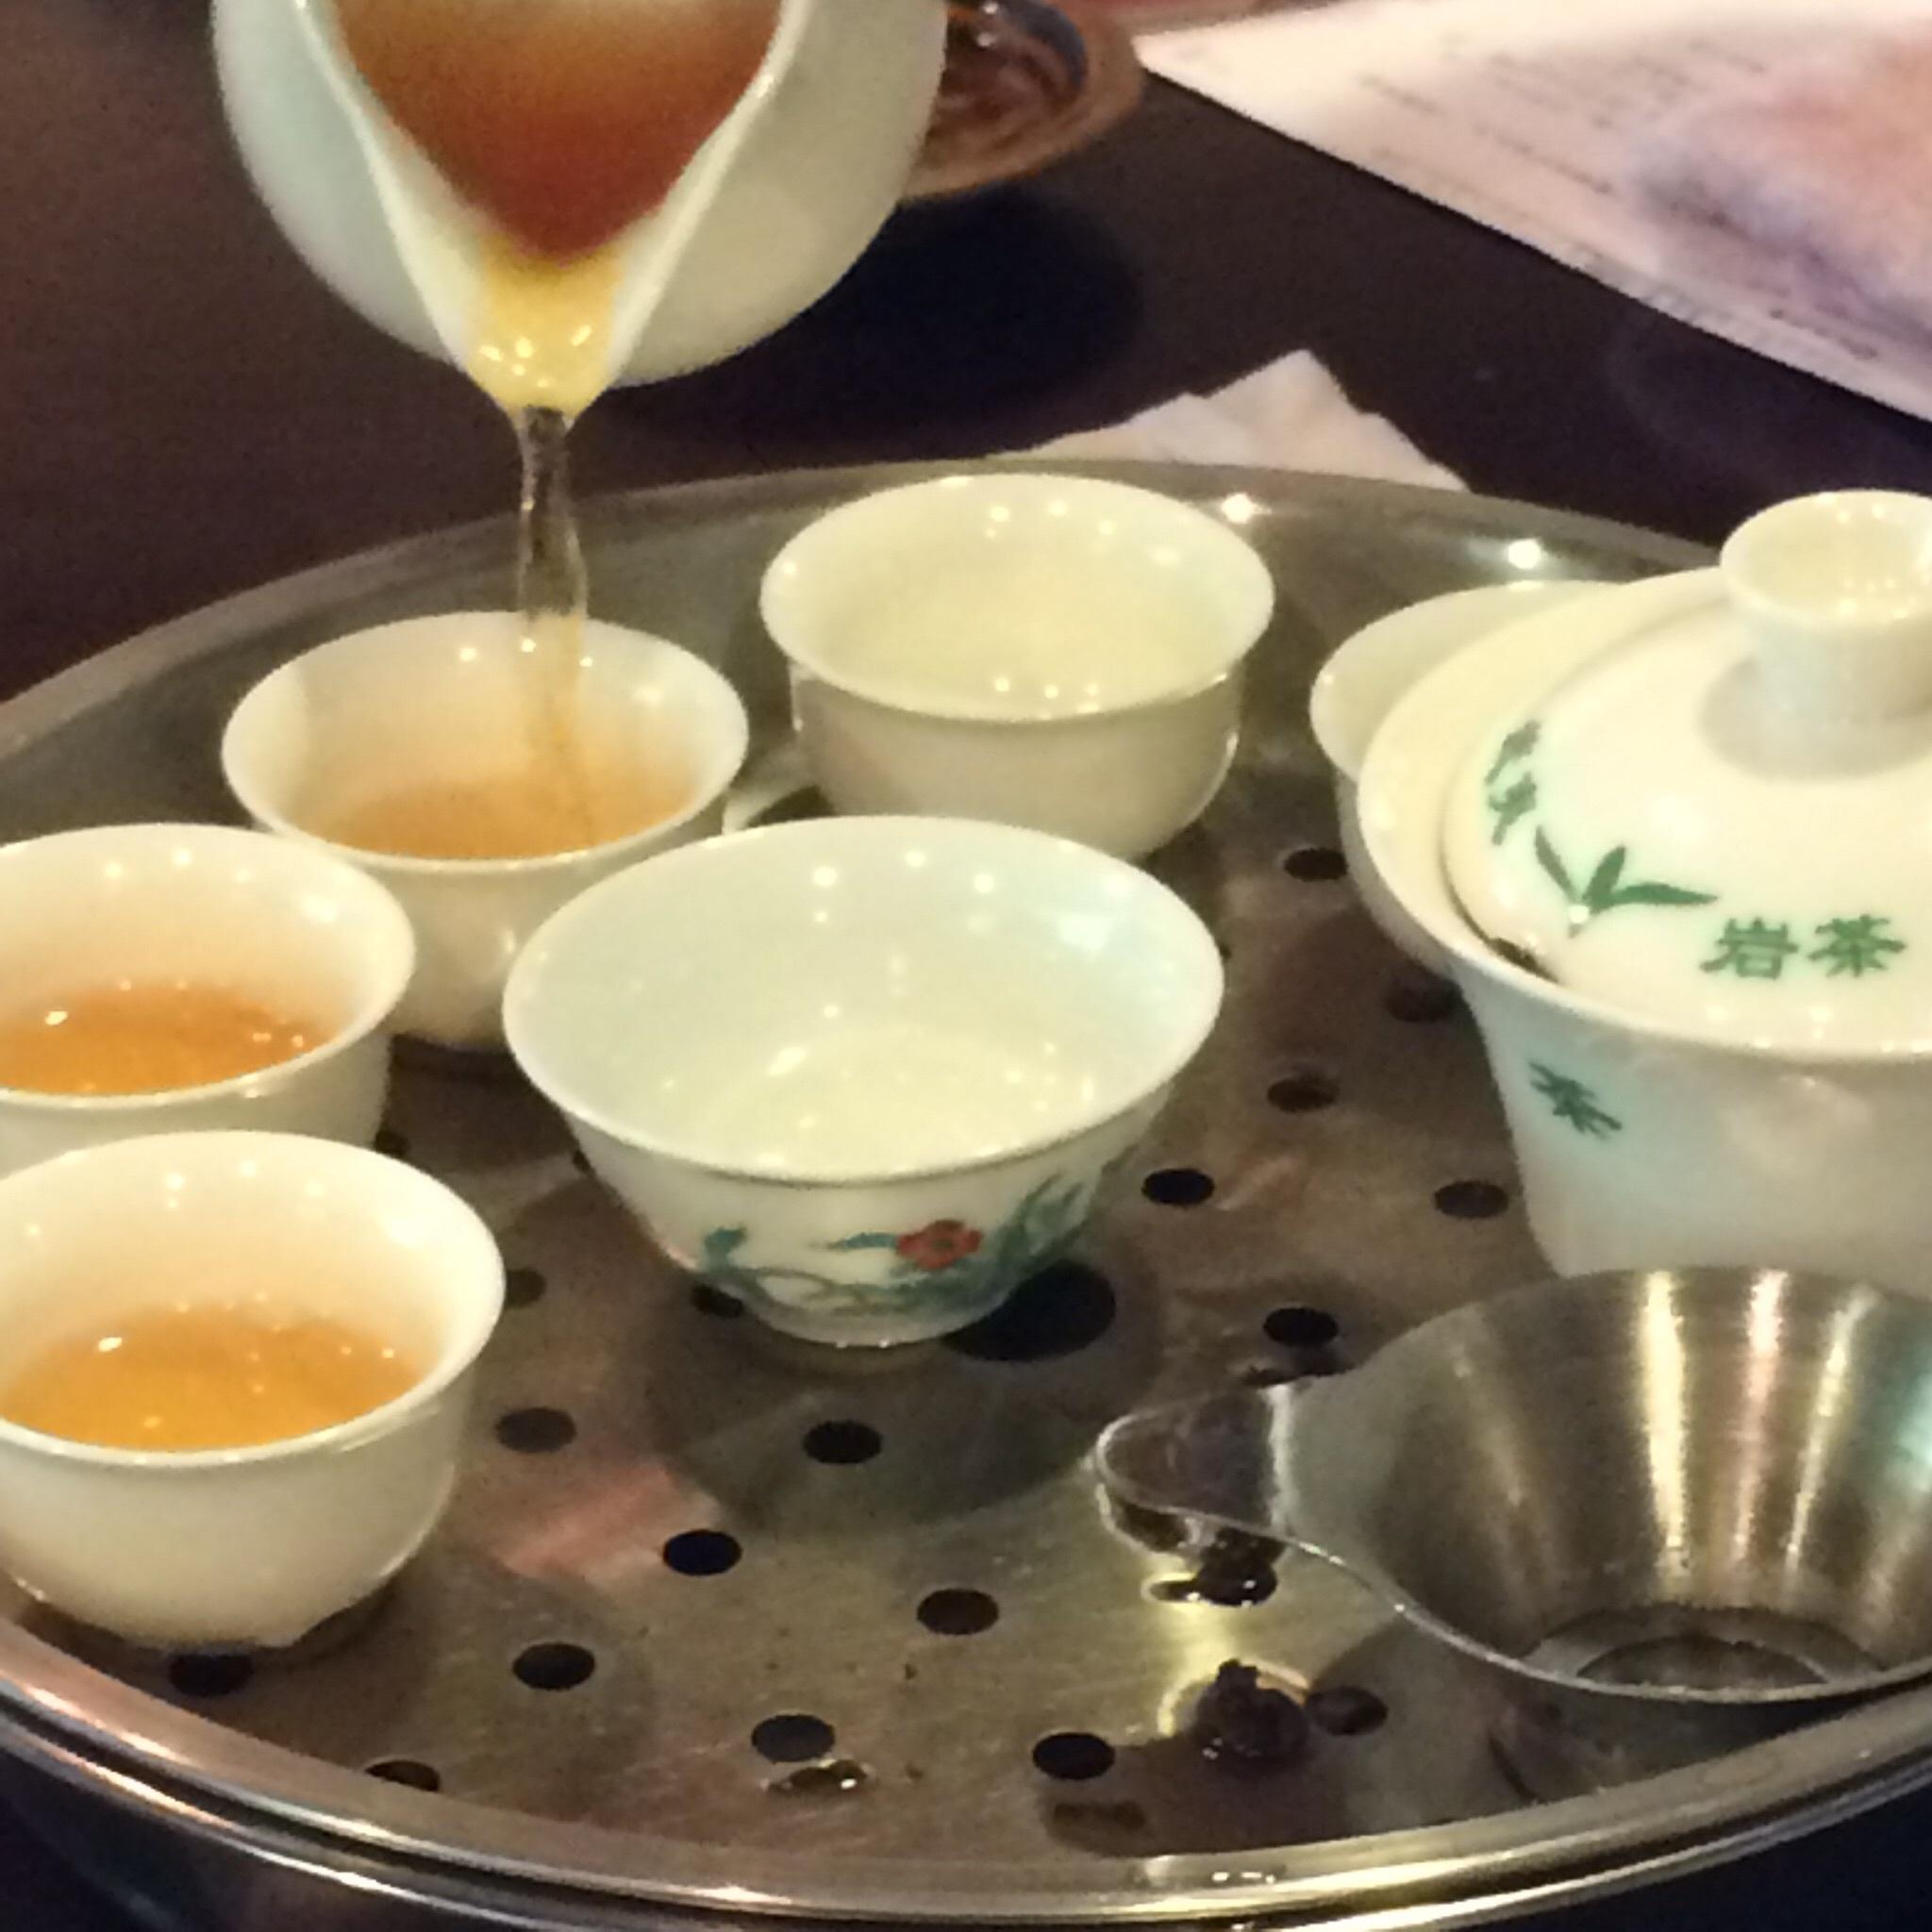 ◆嬉しいお知らせー中国茶教室継続◆_d0293004_13350133.jpg